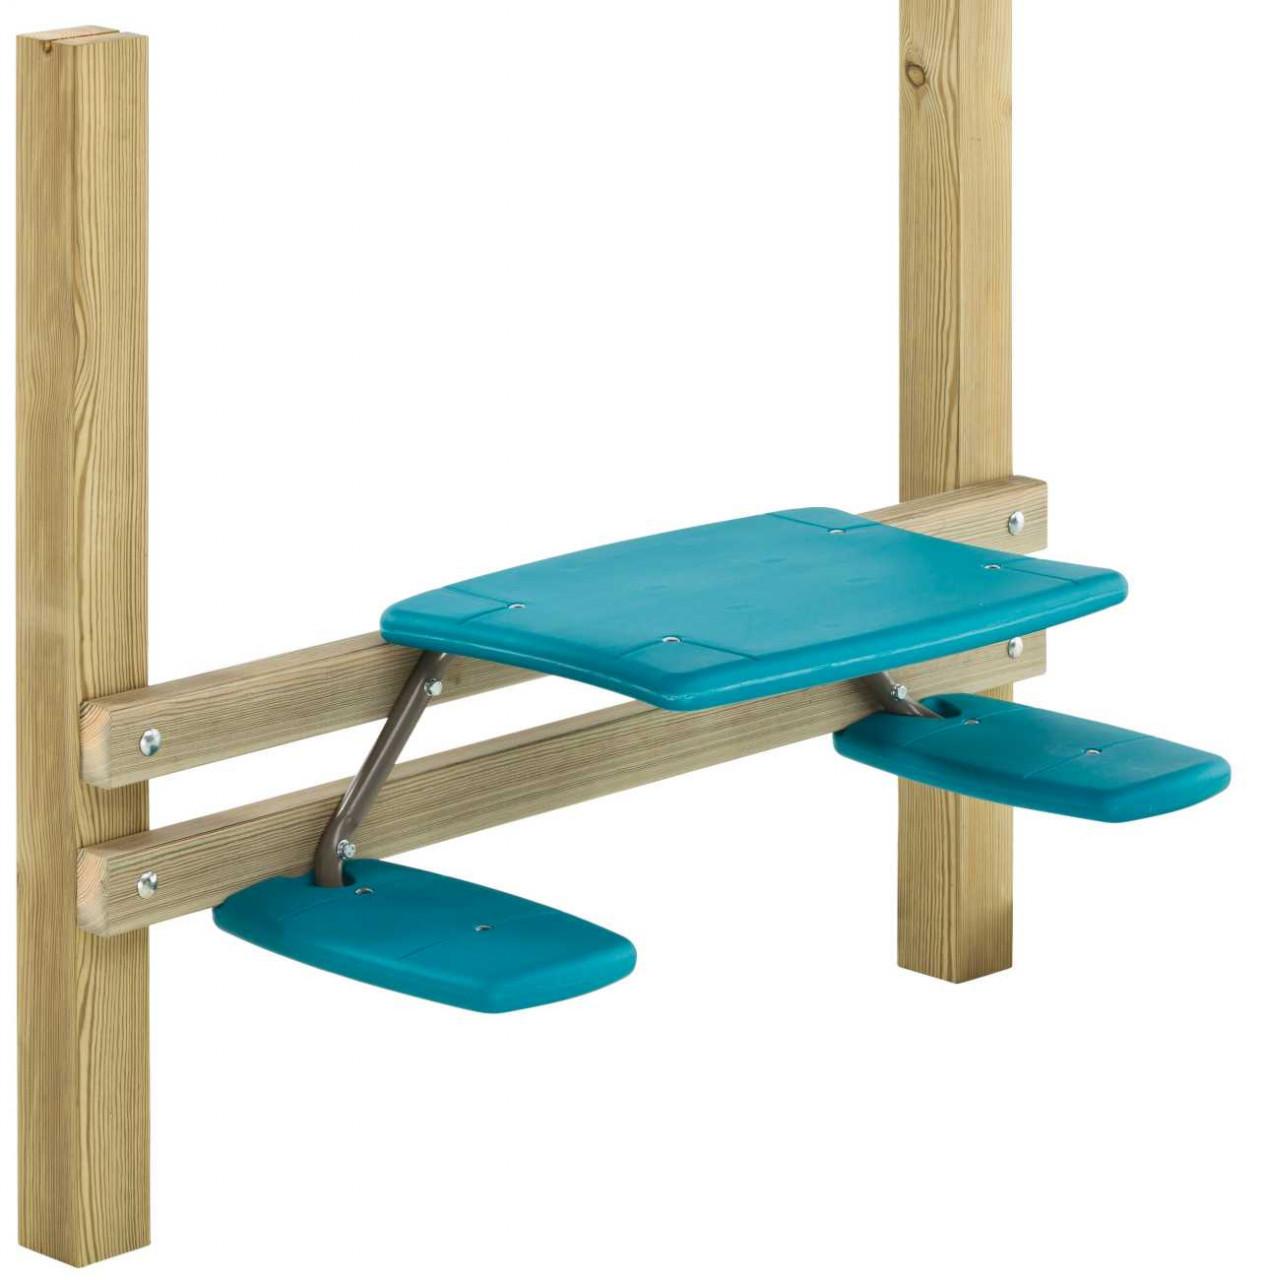 Picnic Tisch für Kinder Spielturm